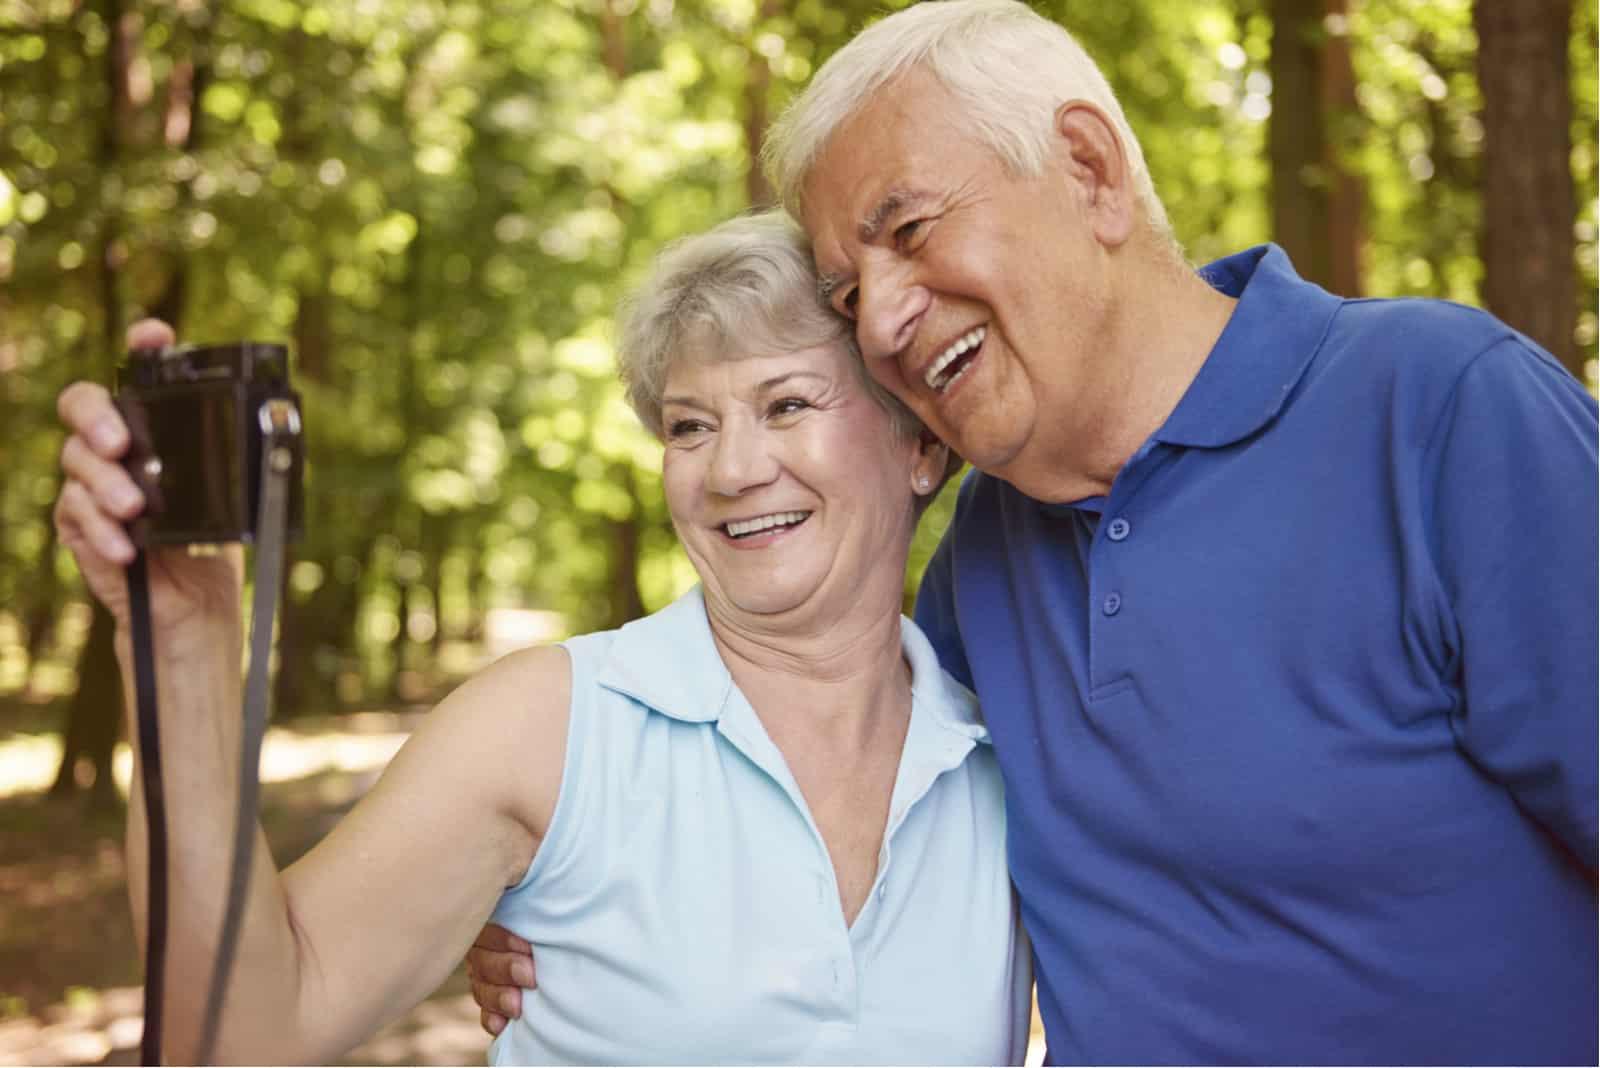 un homme et une femme souriants prennent des photos